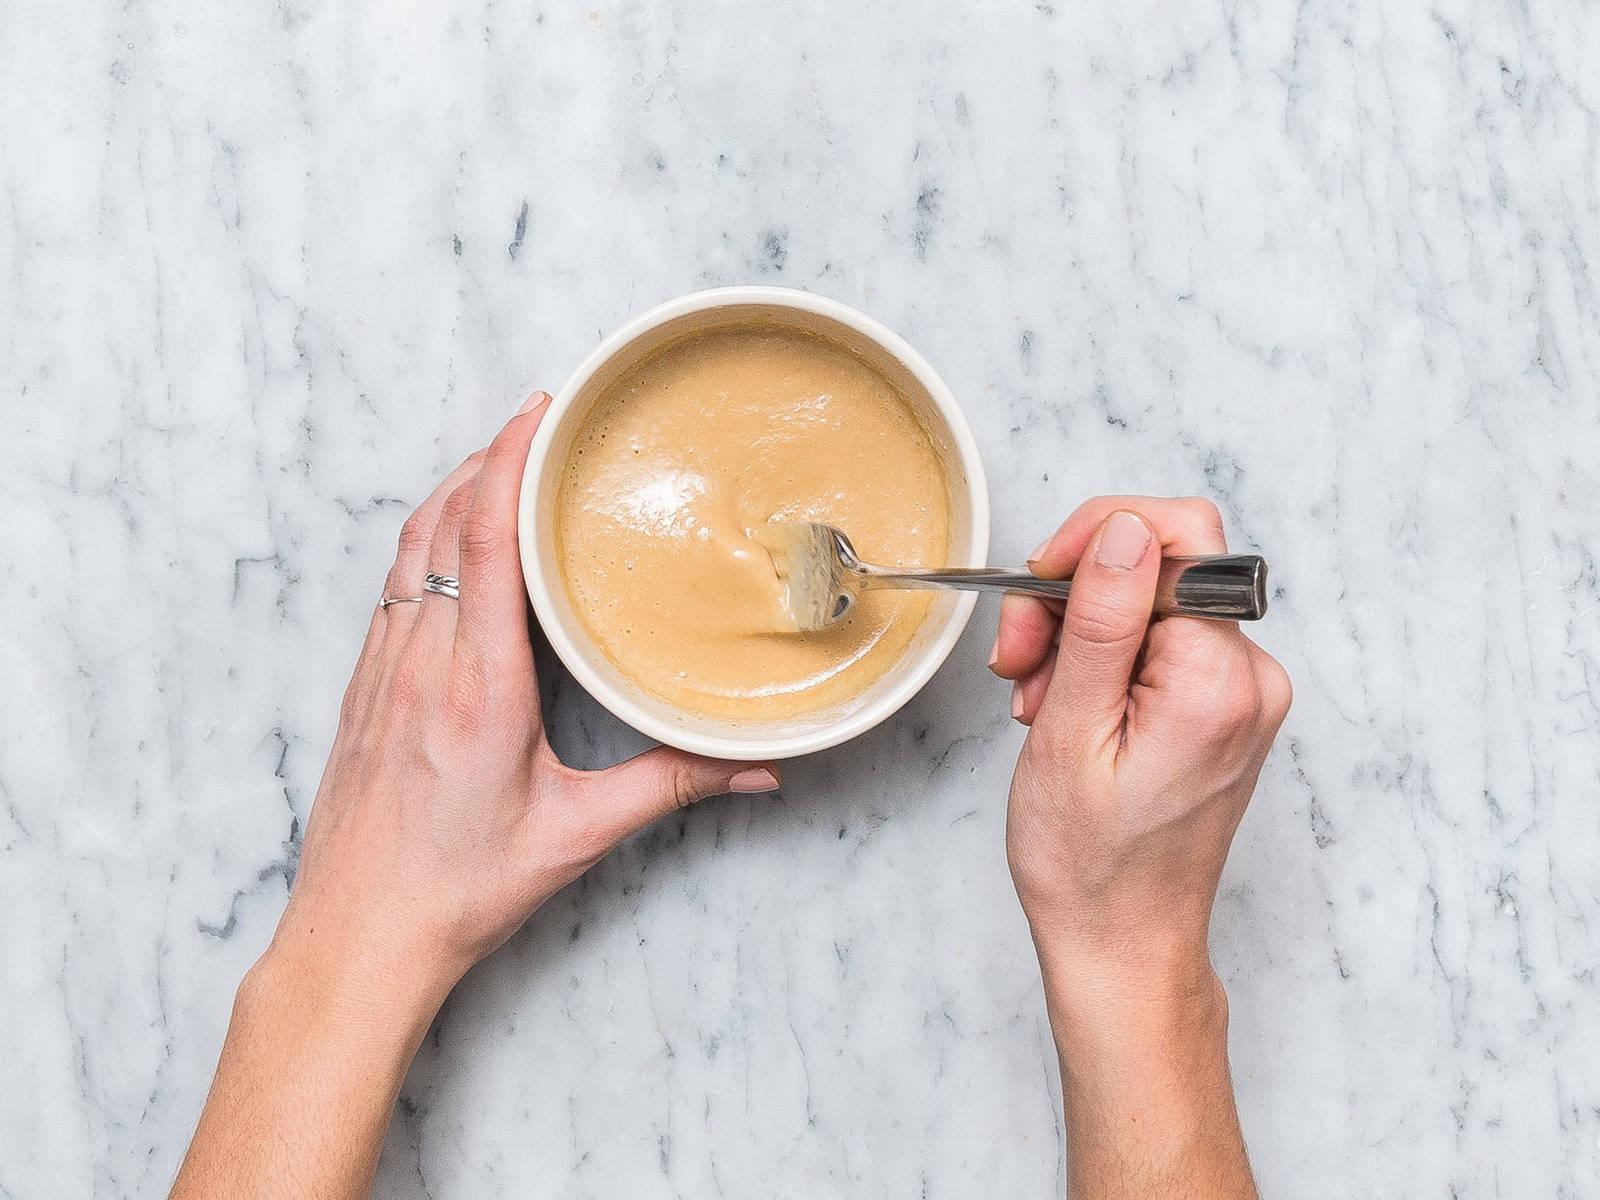 在一只小碗中,将剩余的酱汁与花生酱、水、剩余的芝麻油、盐混合,制作沙爹酱。如果太粘稠,可以加些水稀释。